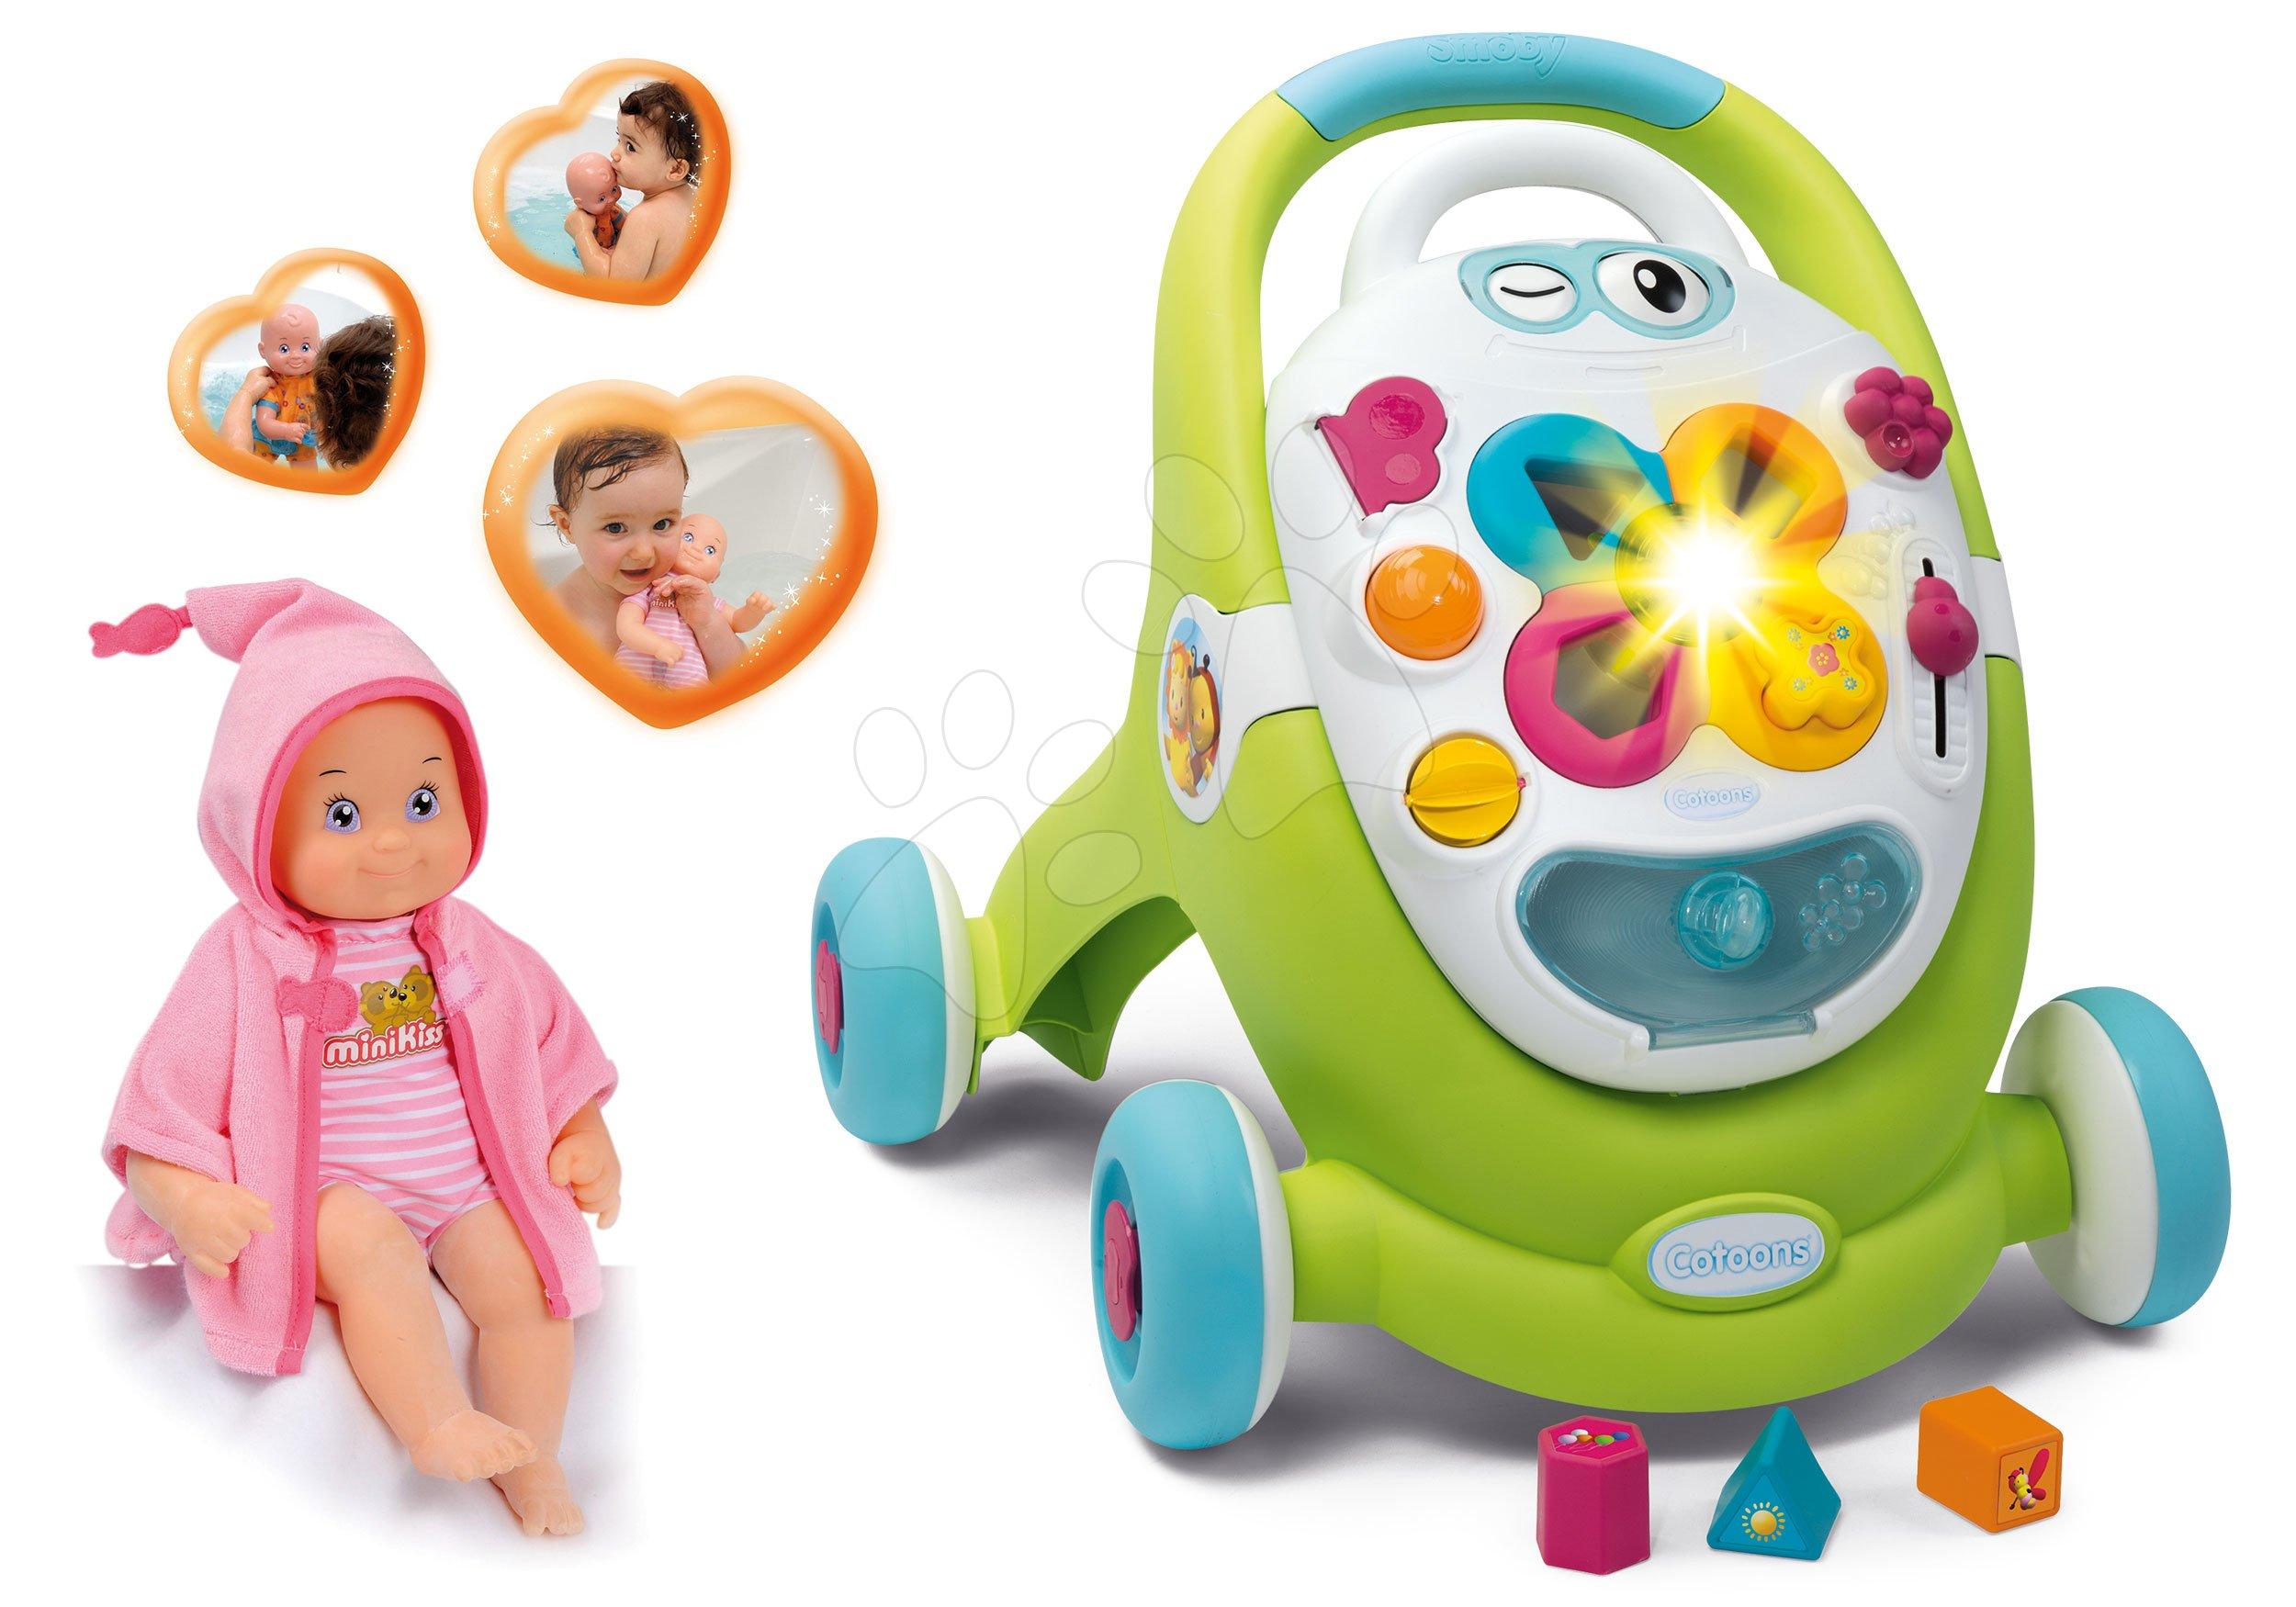 Smoby set chodítko Cotoons ružové s kockami, funkciami a bábika so zvukmi na kúpanie 211376-7